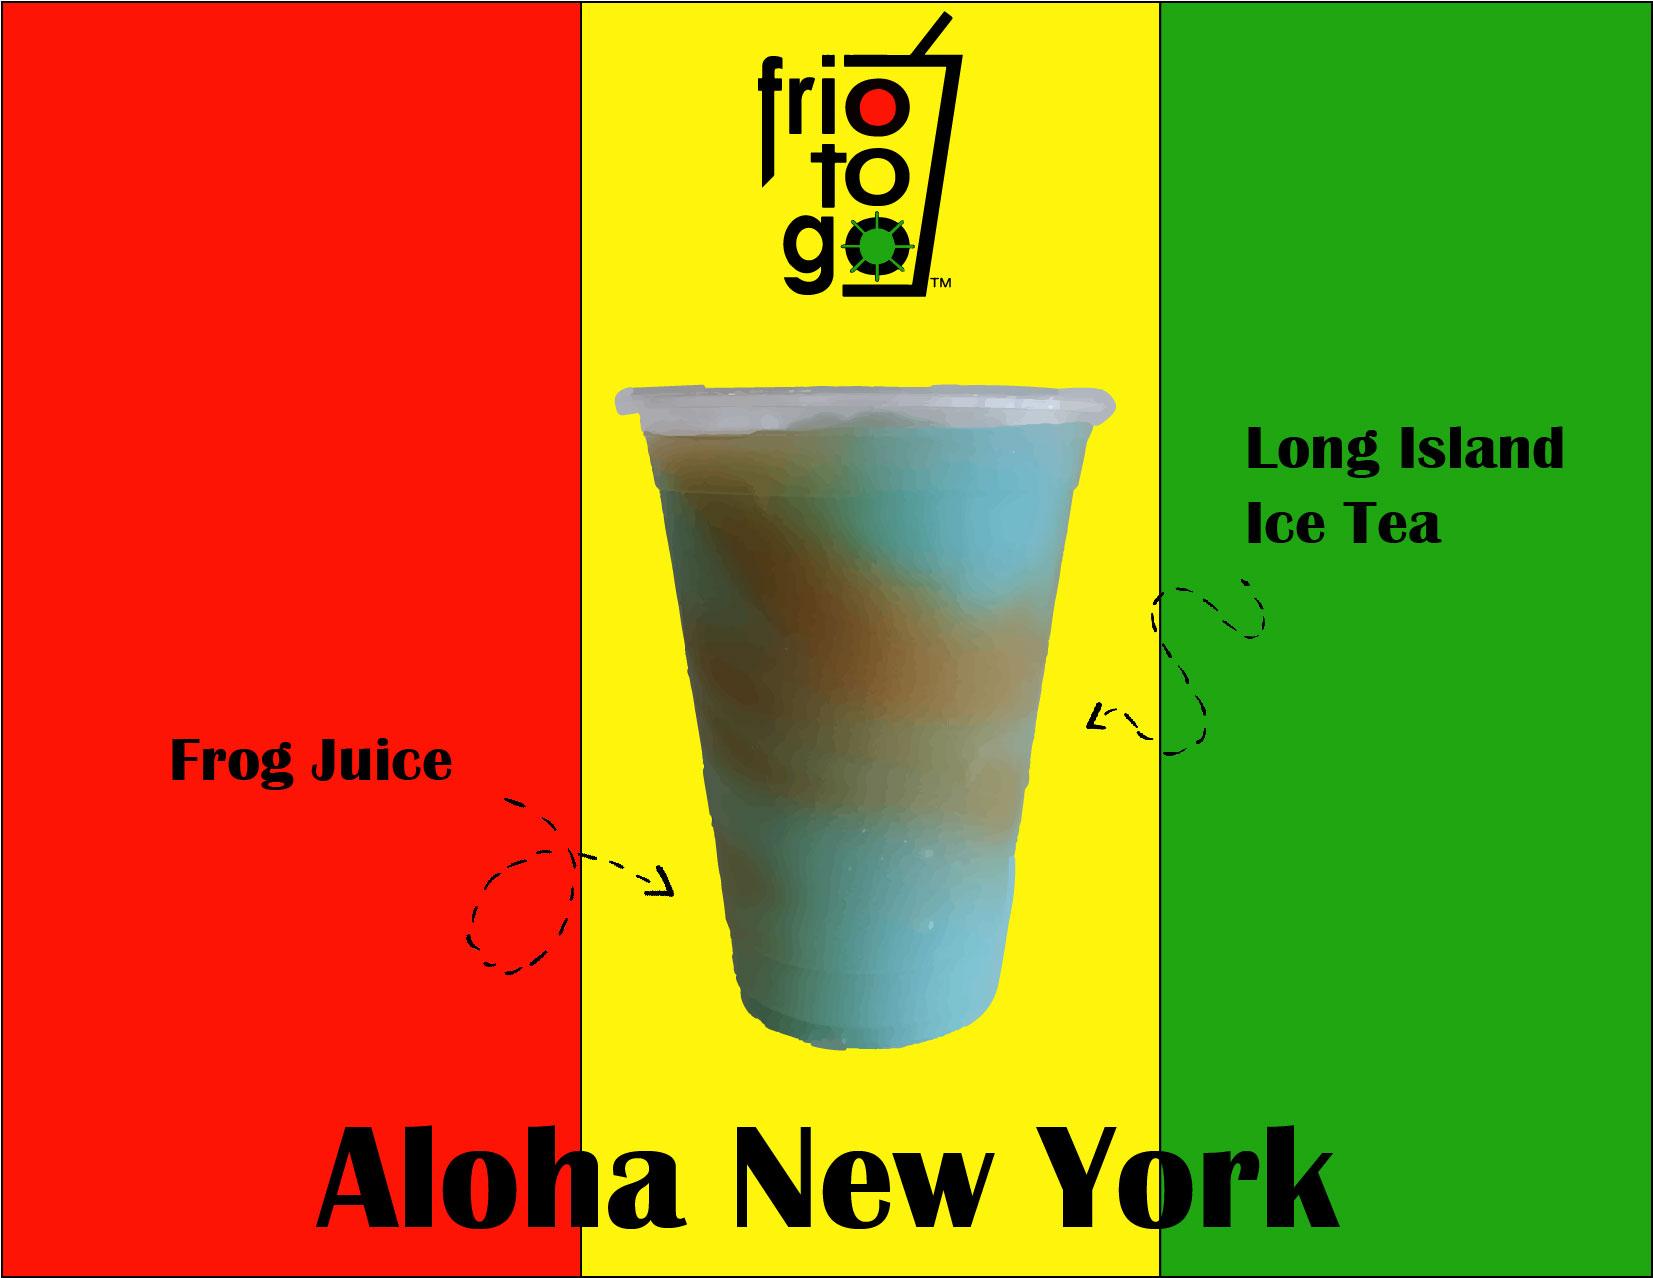 Aloha New York